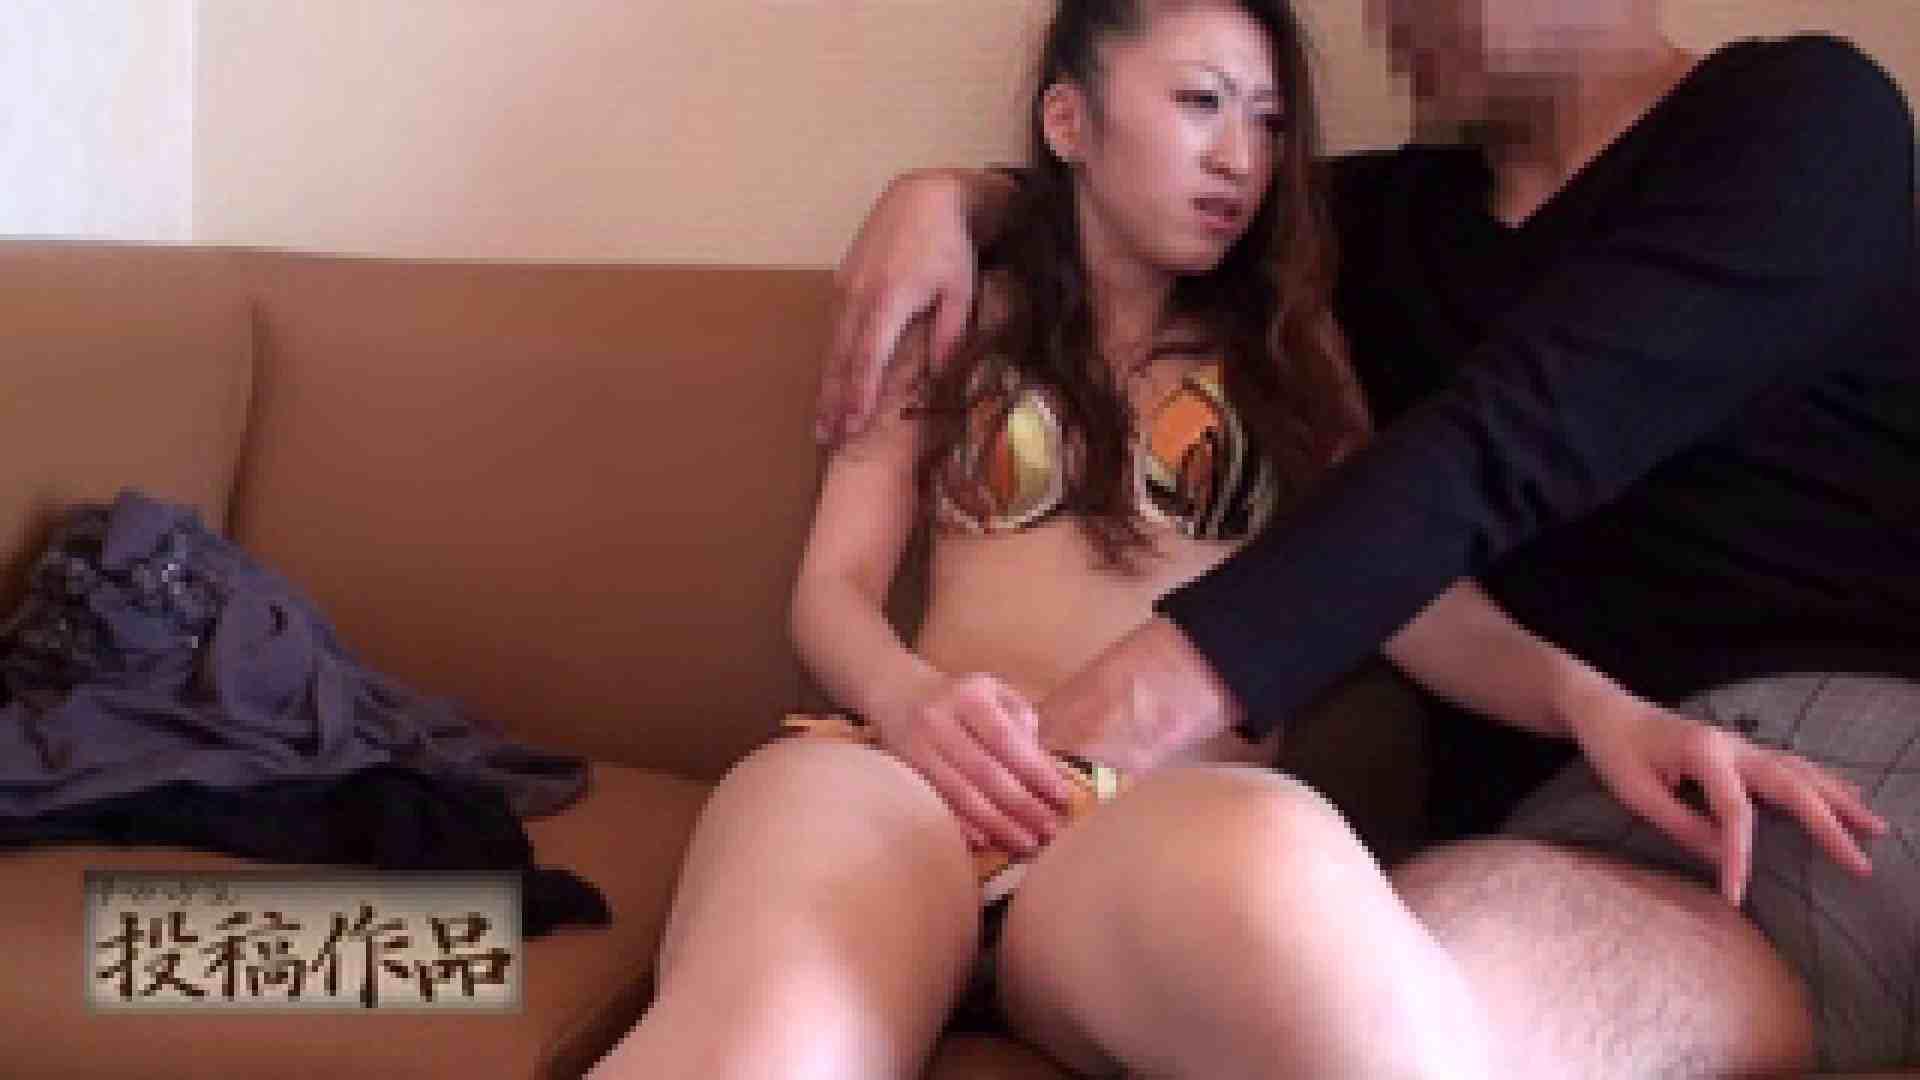 ナマハゲさんのまんこコレクション ami 素人のぞき AV動画キャプチャ 99pic 74